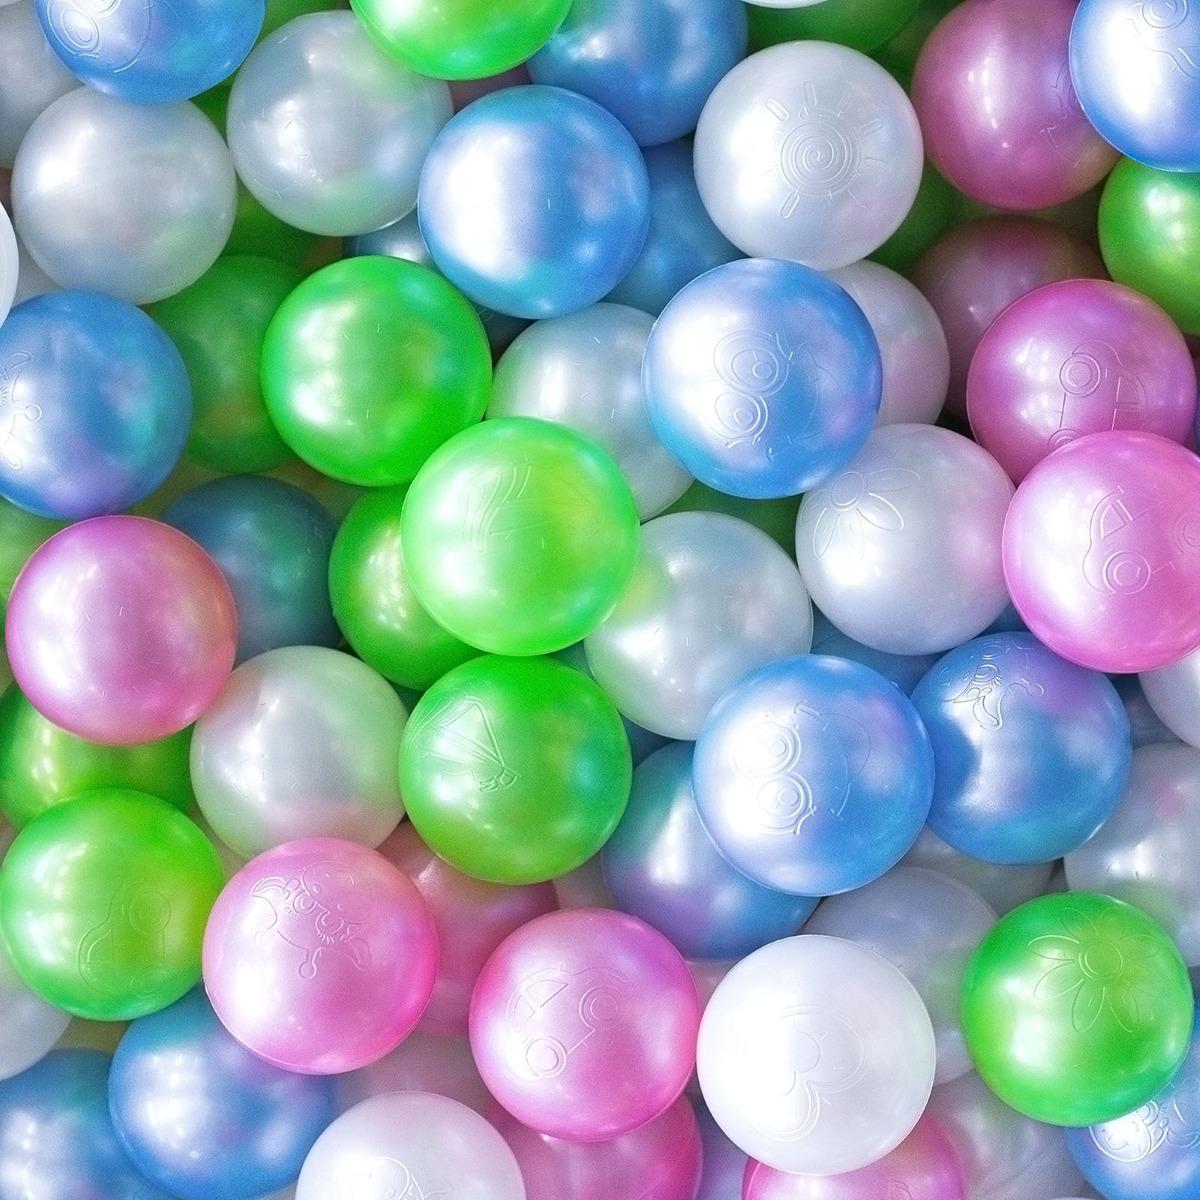 Набор шаров, 2390634, 100 шт игровой центр крошка я шарики для бассейна 90шт 1207031